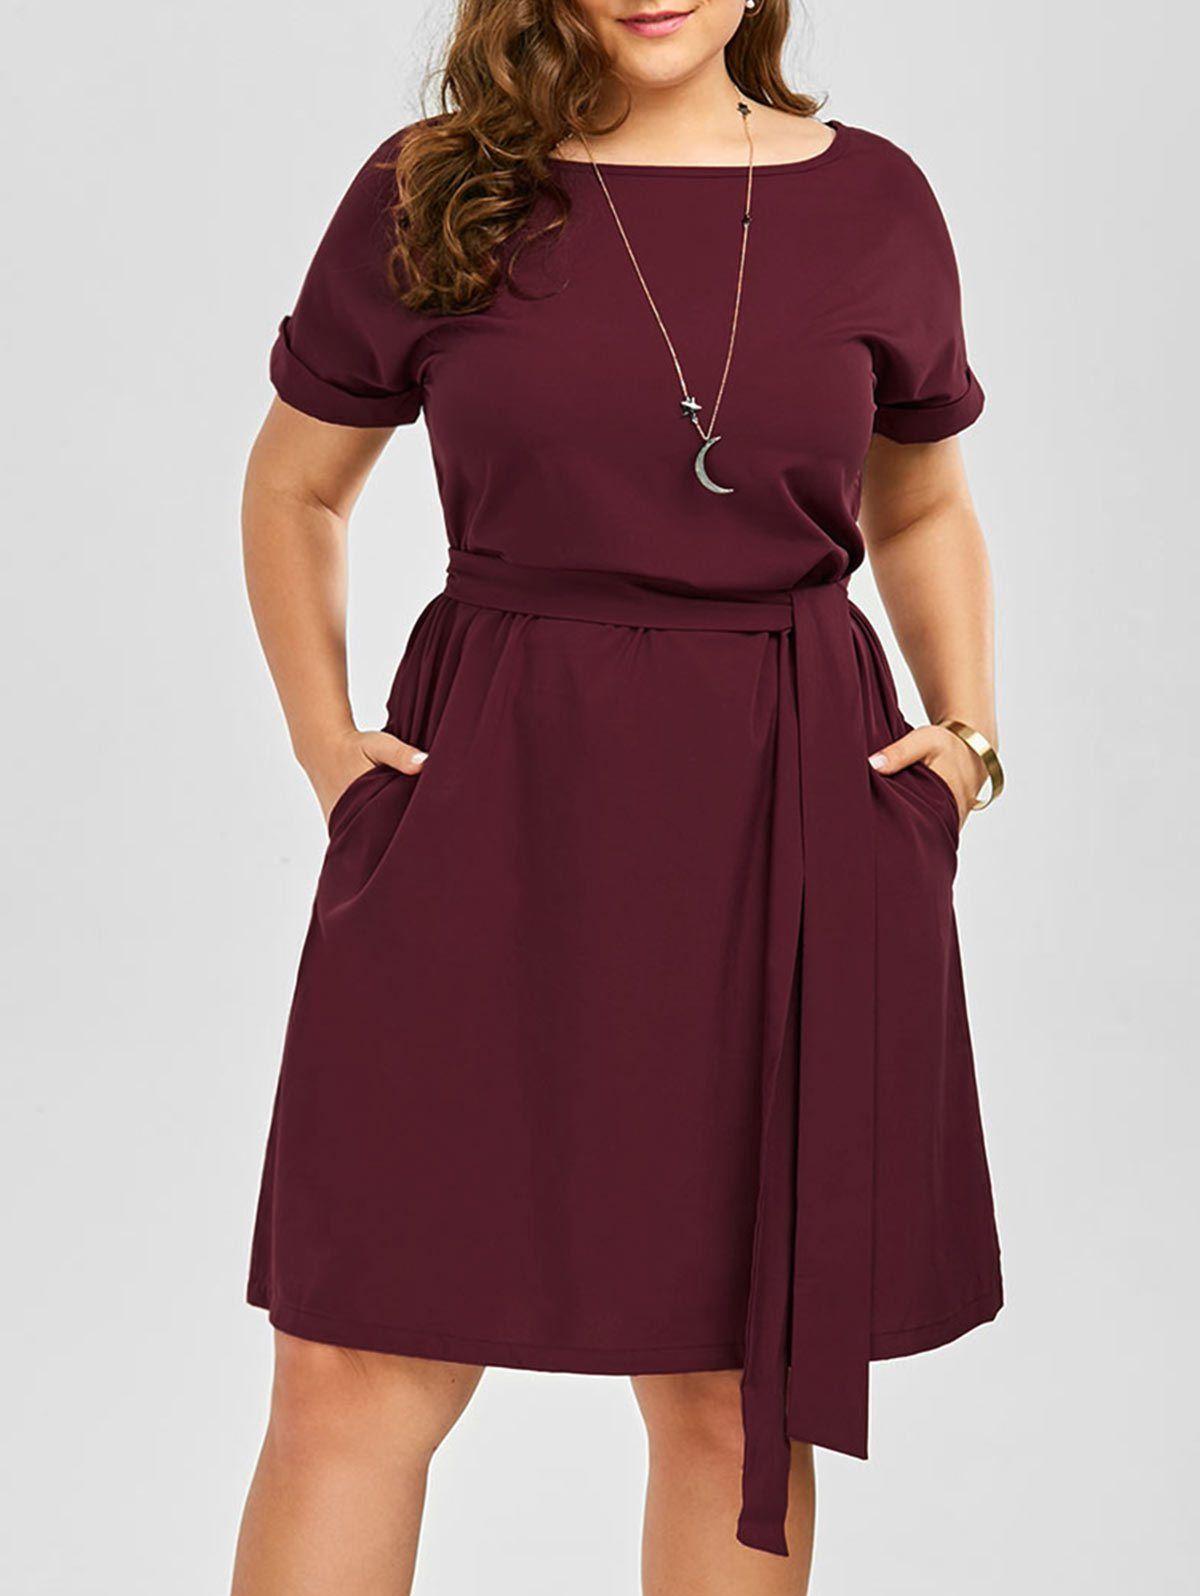 Plus Size Belted Knee Length Pockets O Neck Dress Vintage   Gender ...